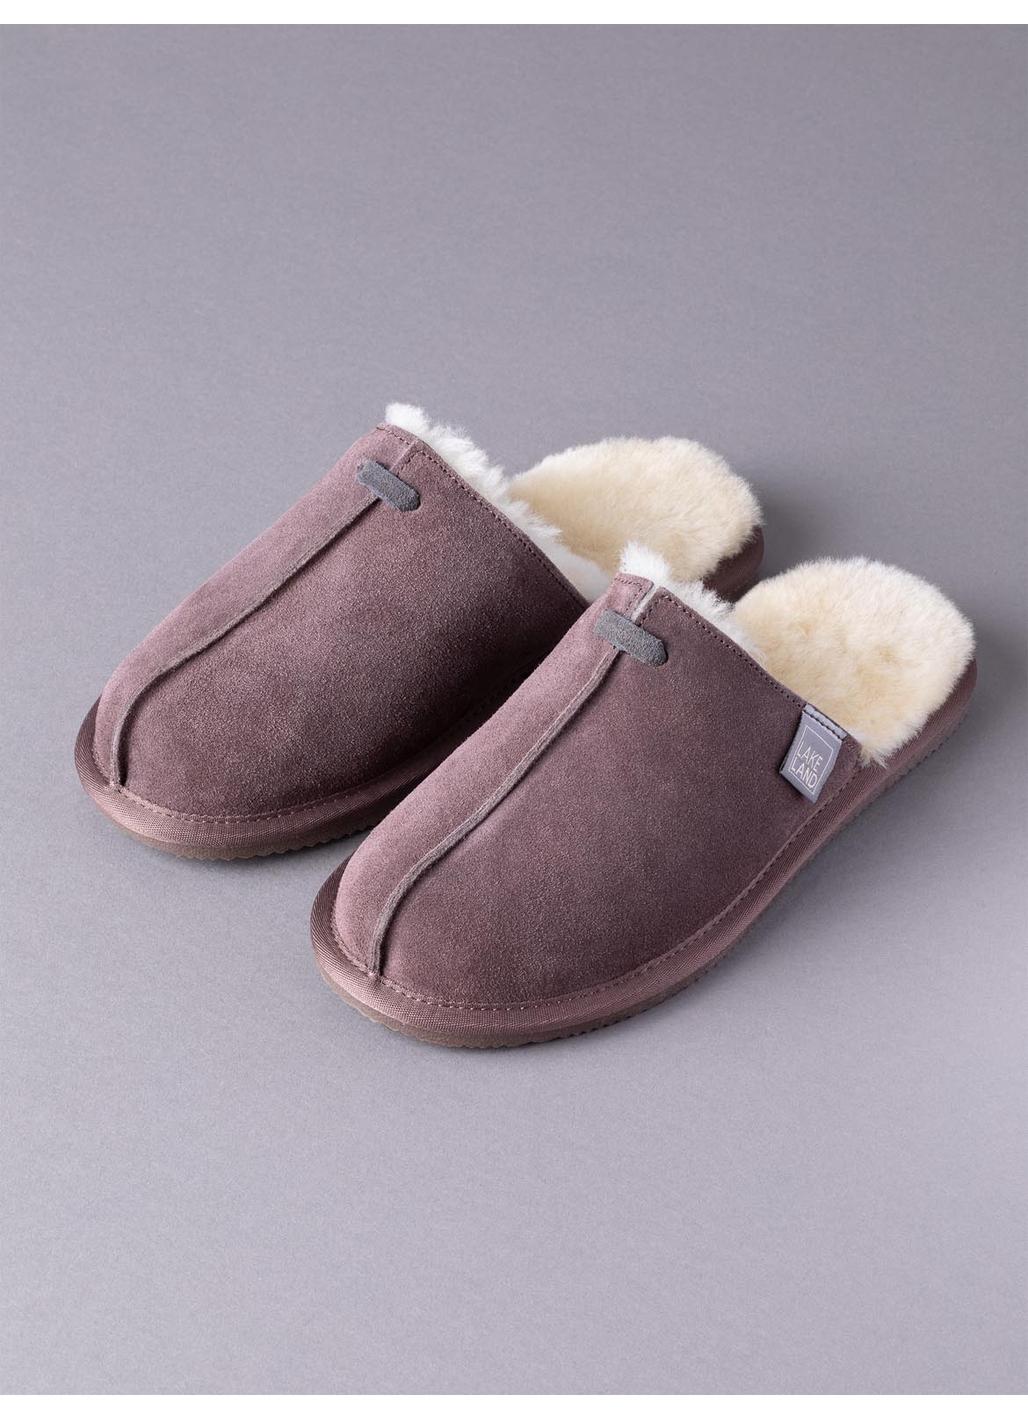 Ladies' Sheepskin Seam Sliders in Vole Brown